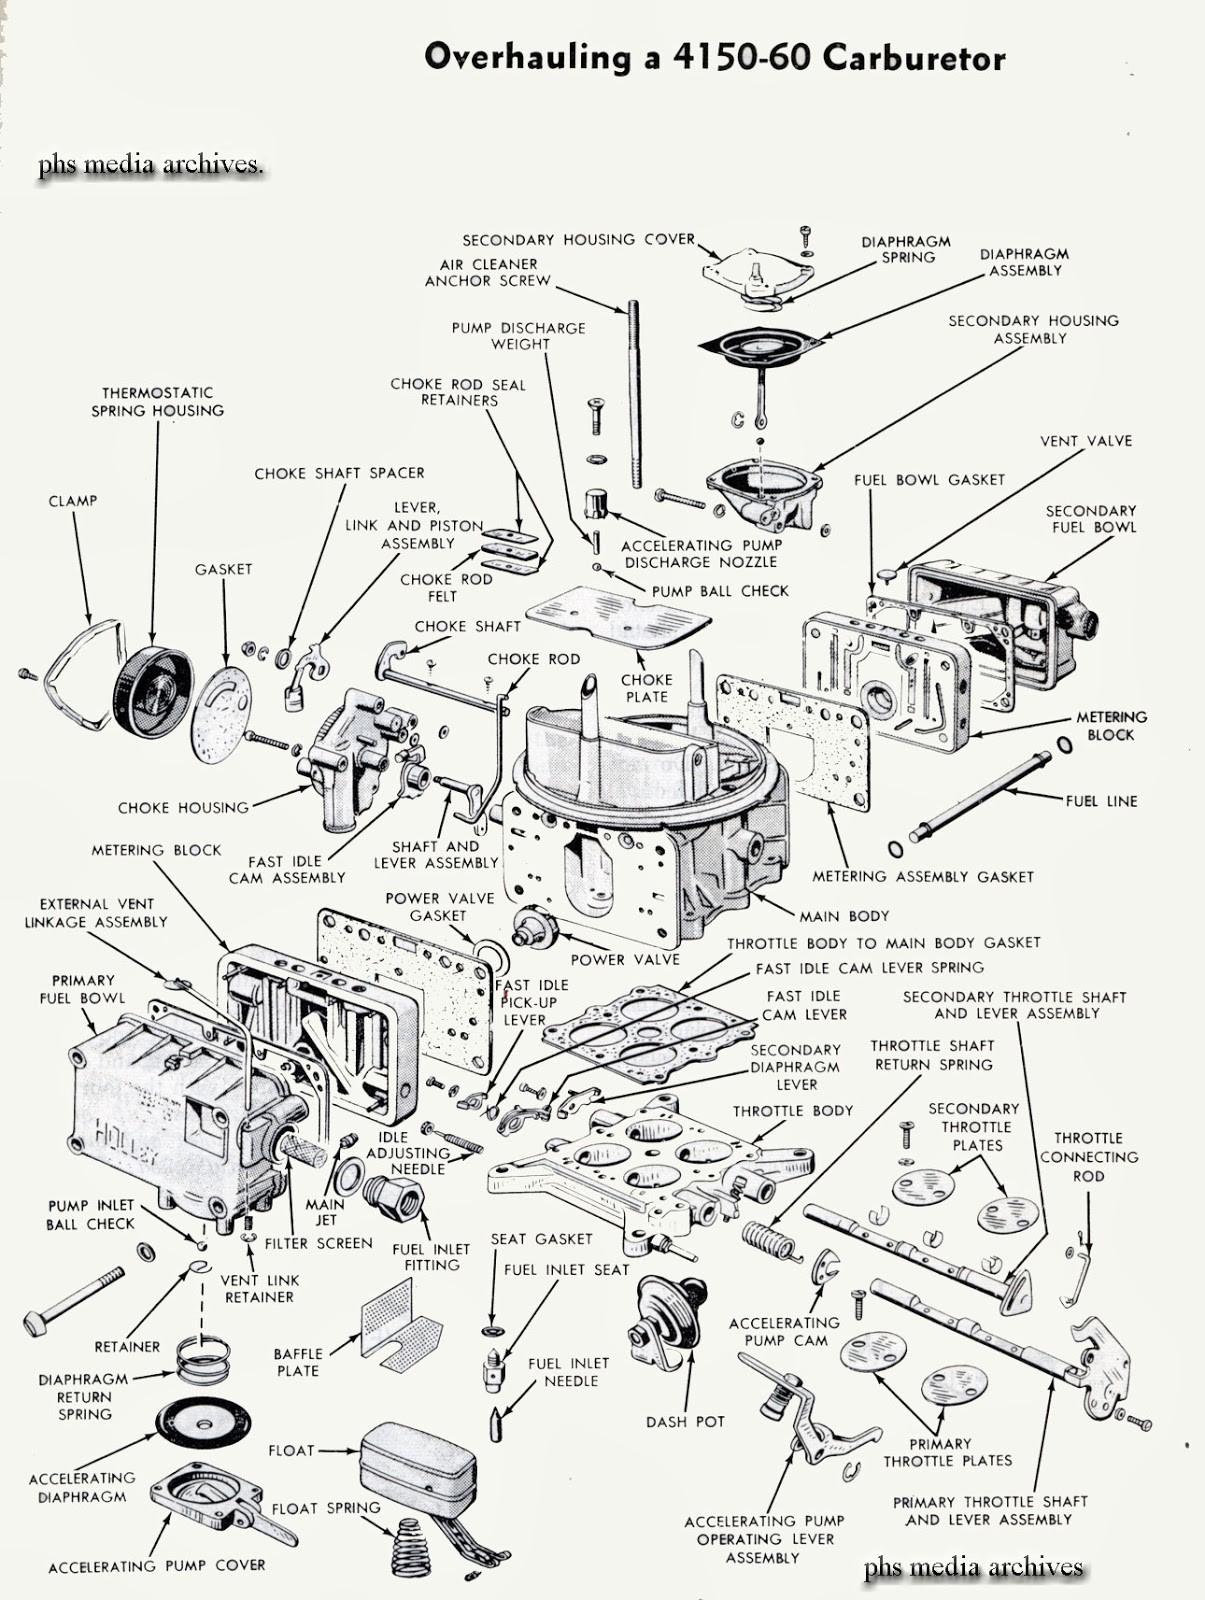 carburetor diagram also holley carburetor parts diagram on edelbrock